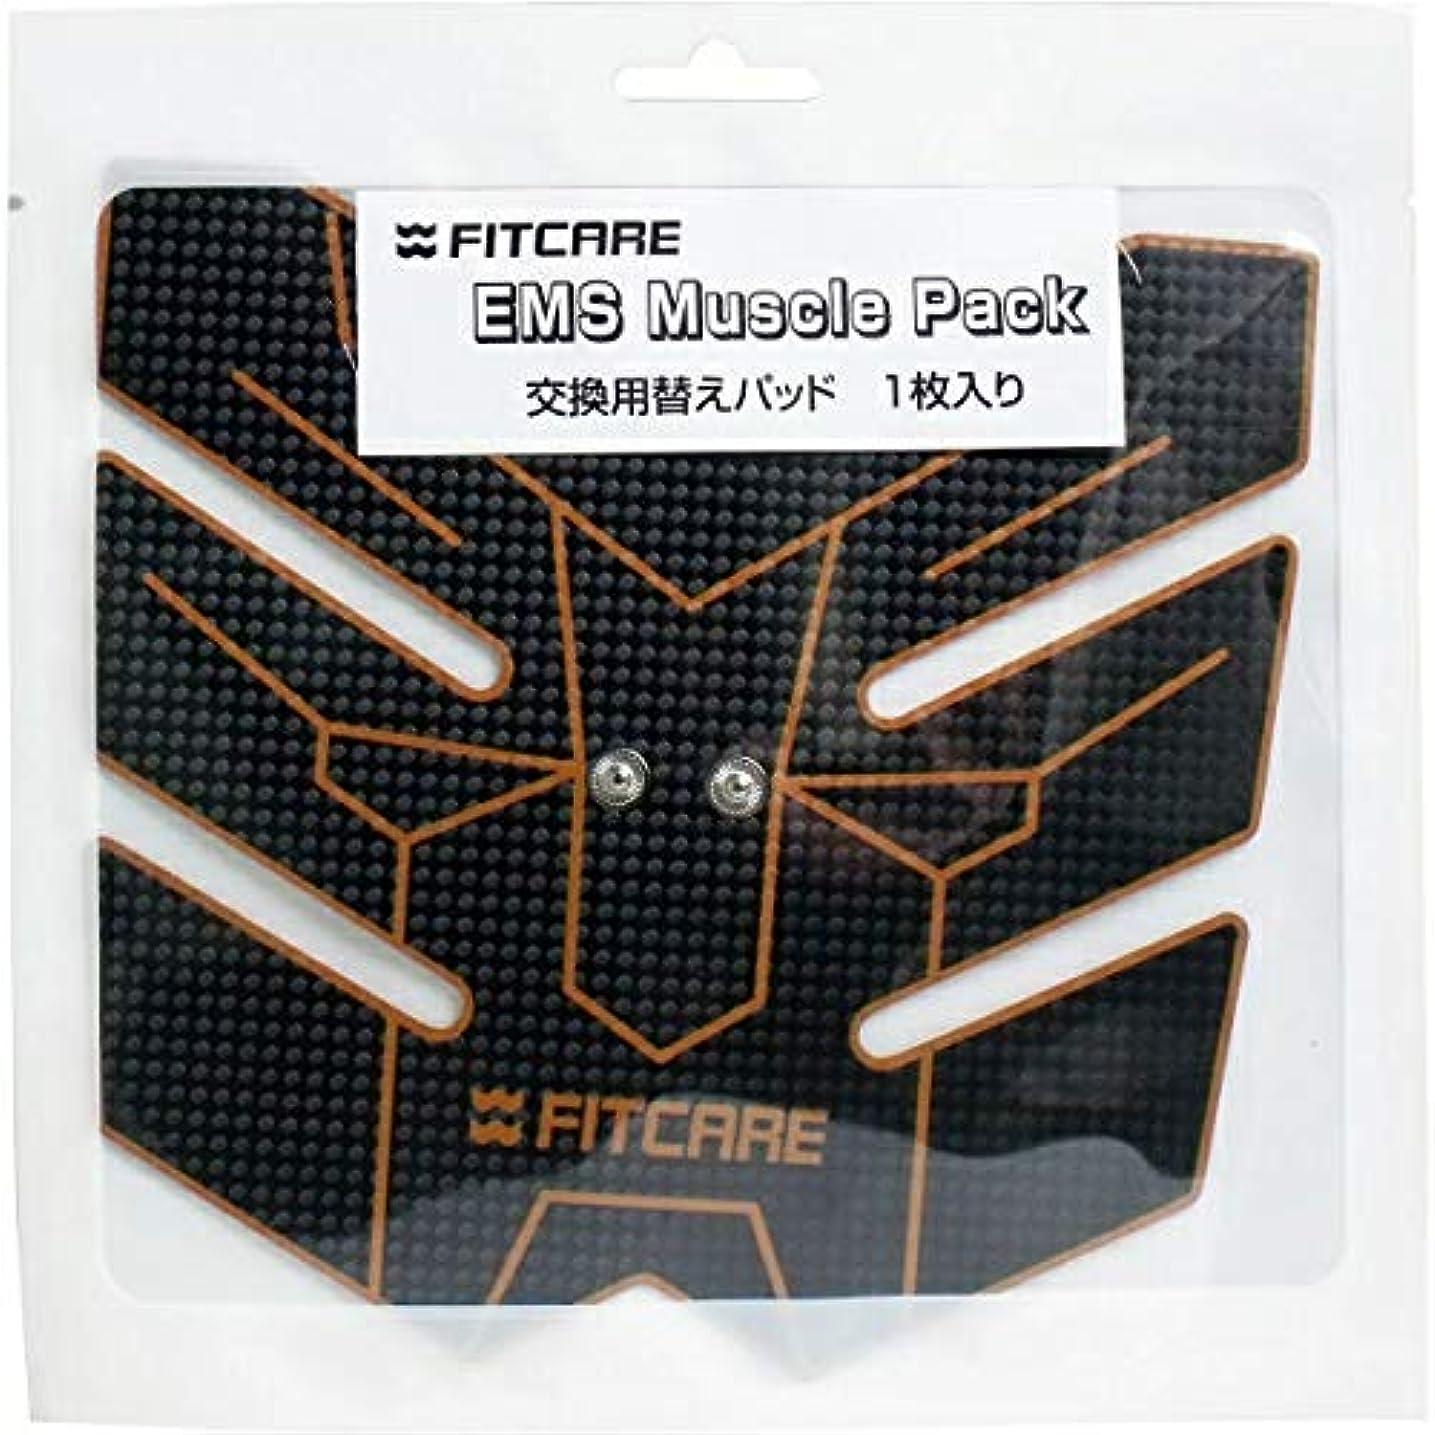 怒り力強いトランペット【10個セット】EMS マッスルパック 交換用替えパッド(1枚入) ×10個セット